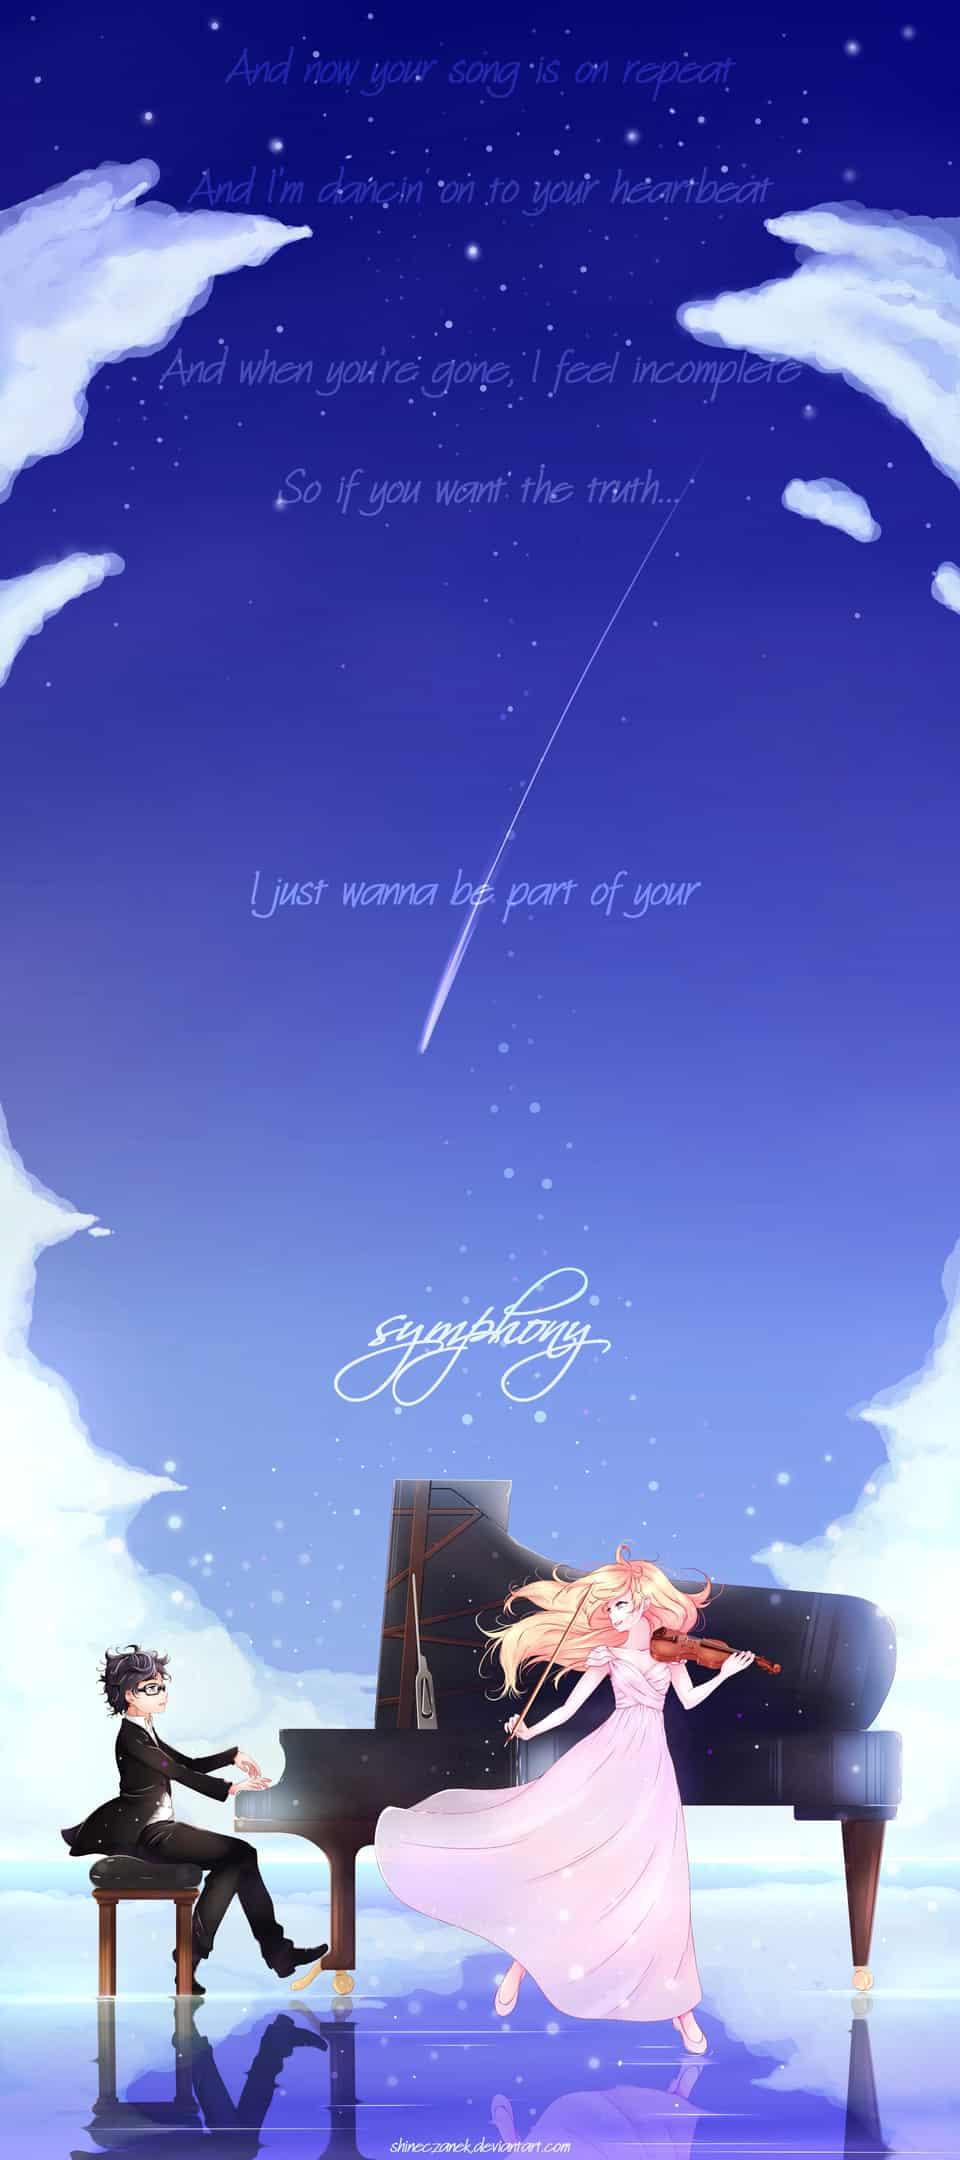 I just wanna be part of your symphony! Illust of Czanek kimi anime kousei Shigatsu kaori no uso wa